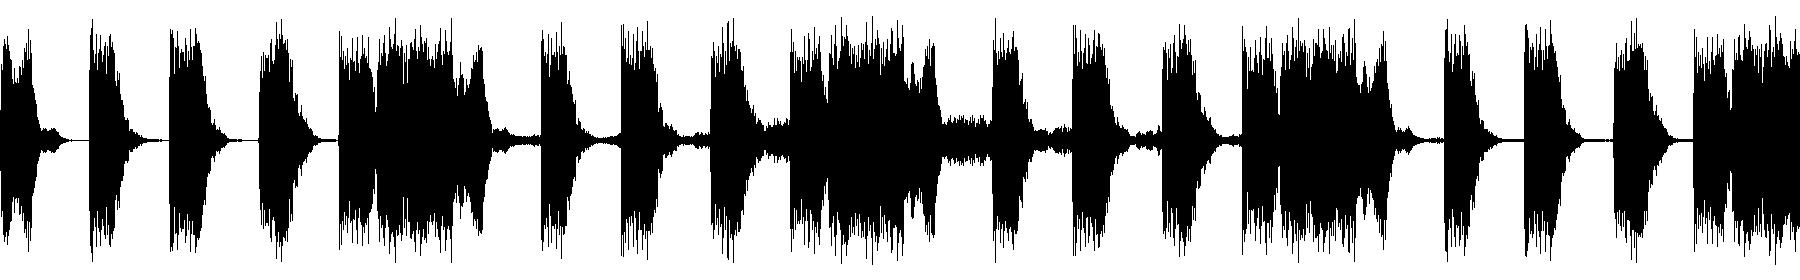 tense bassloop 24